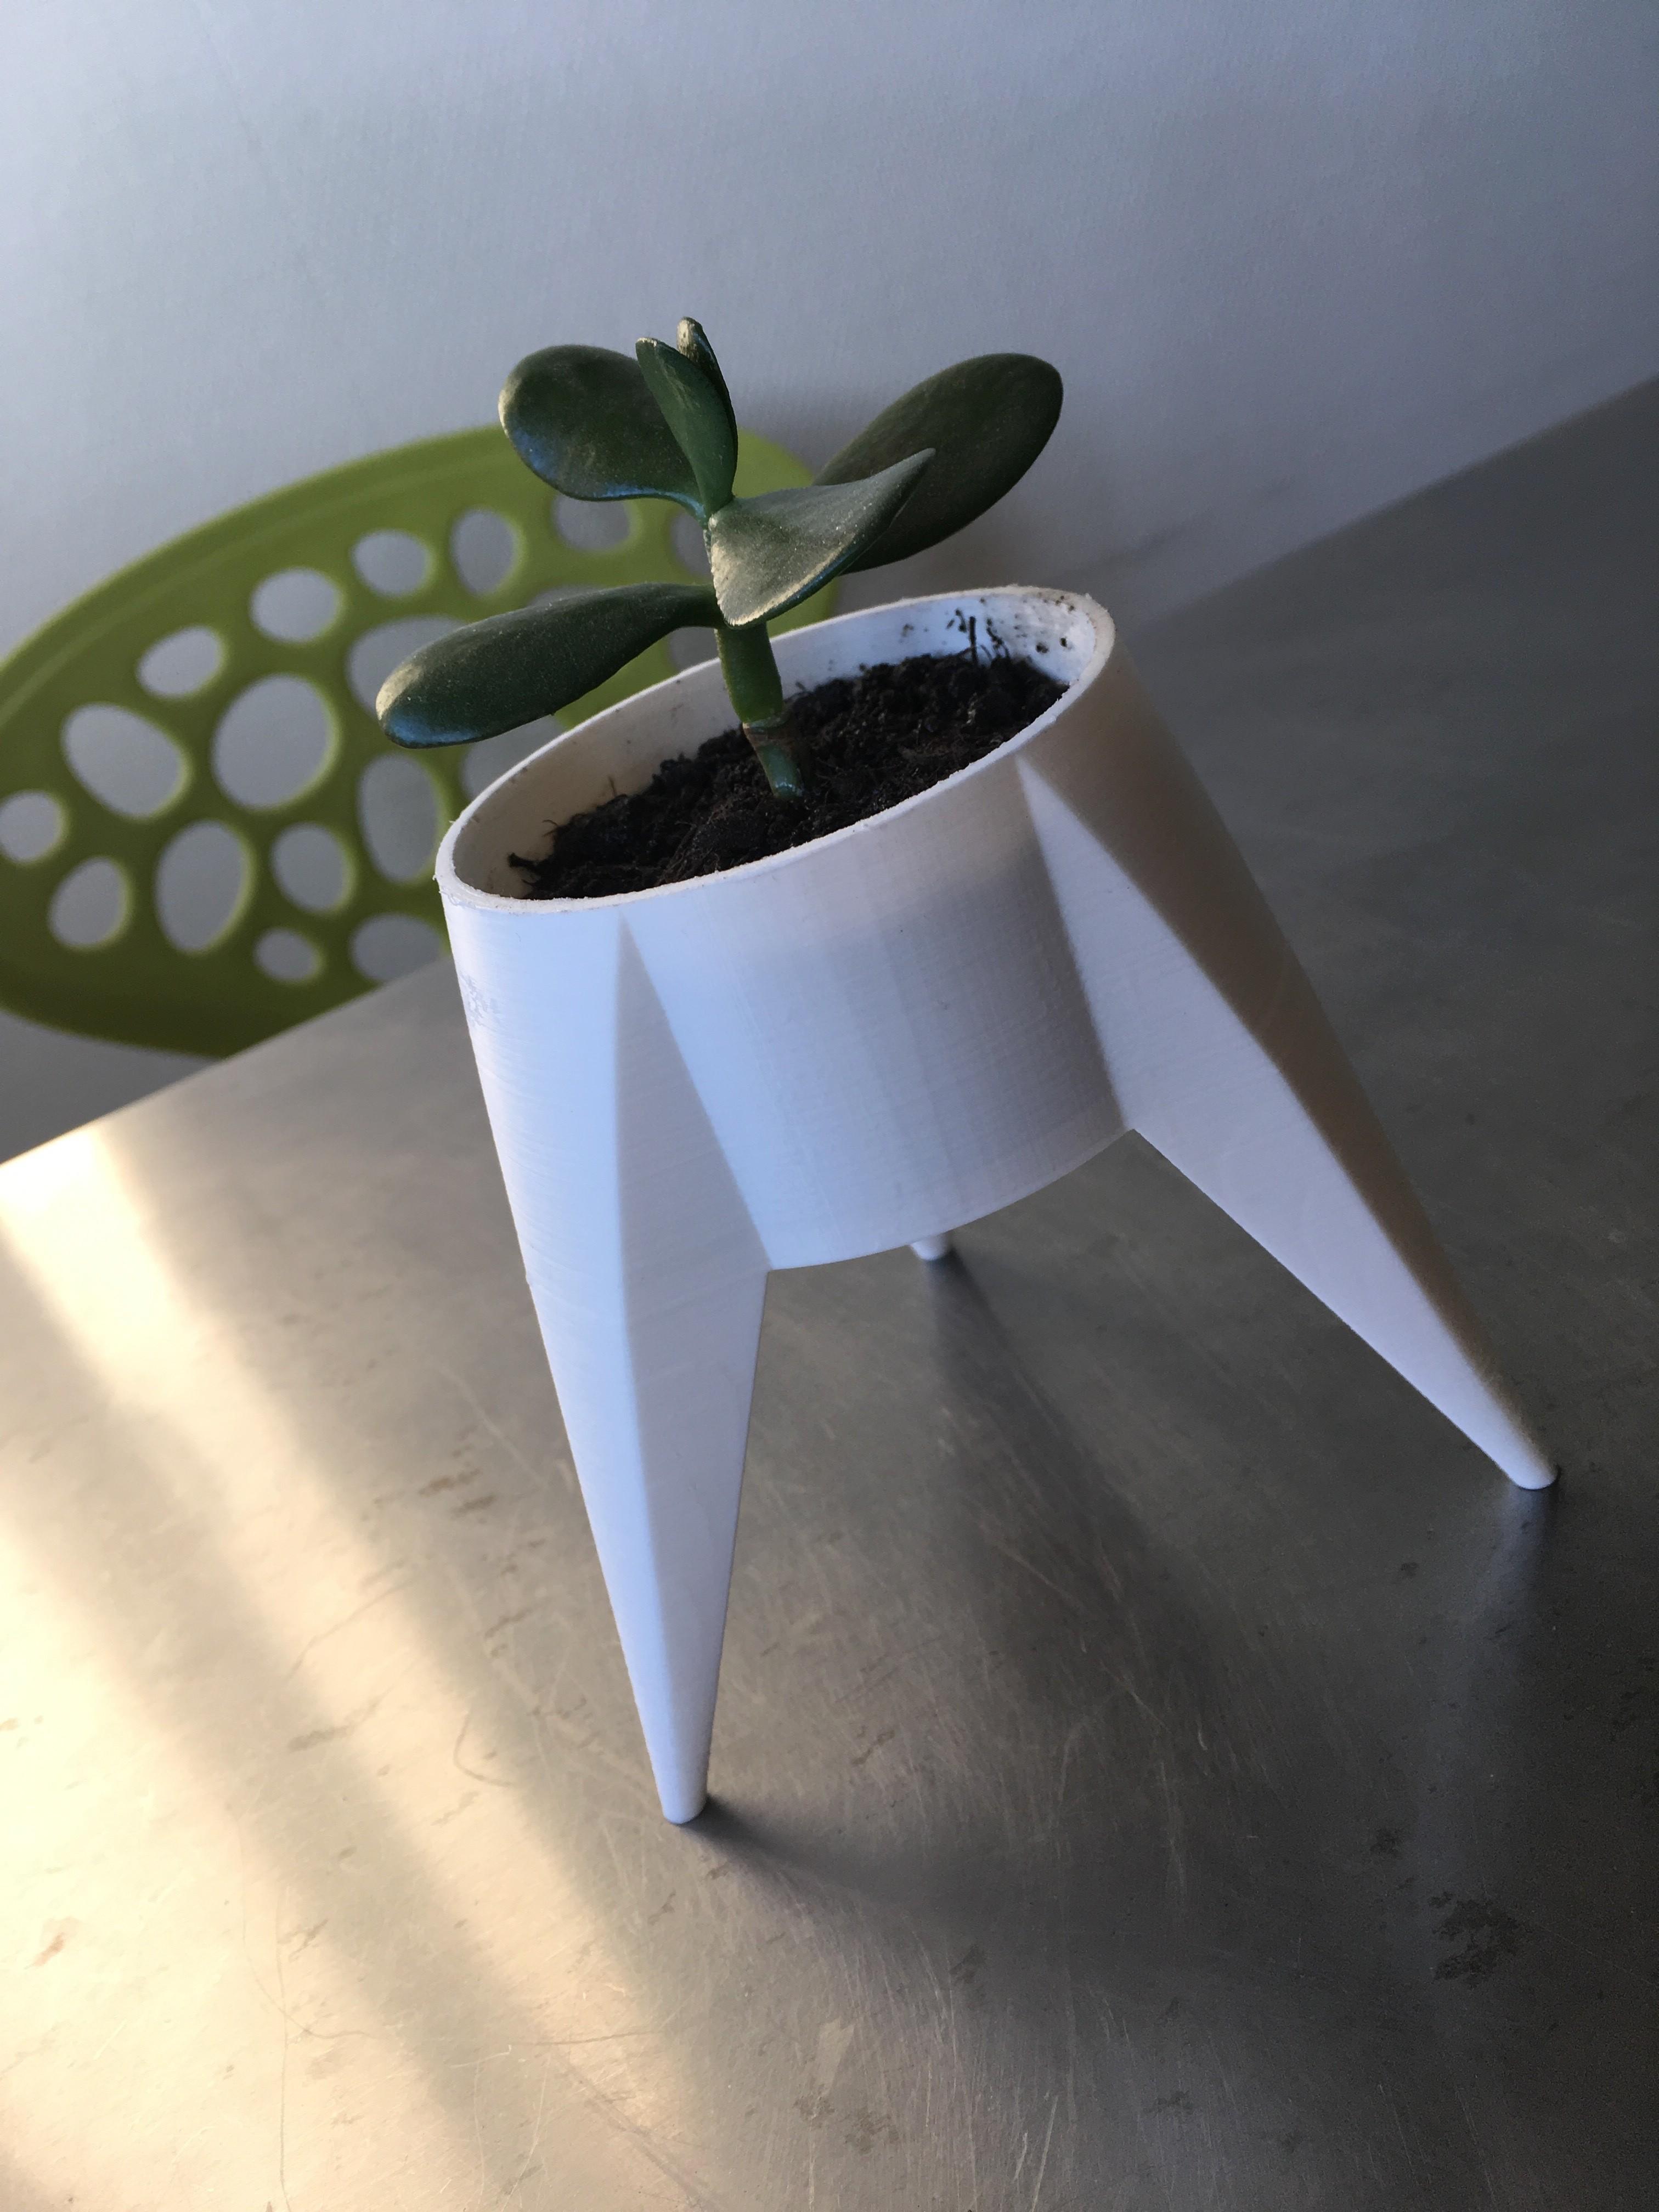 pot_de_fleurs_tripode.jpg Download free STL file Pot de fleurs tripode • 3D print model, KernelDesign